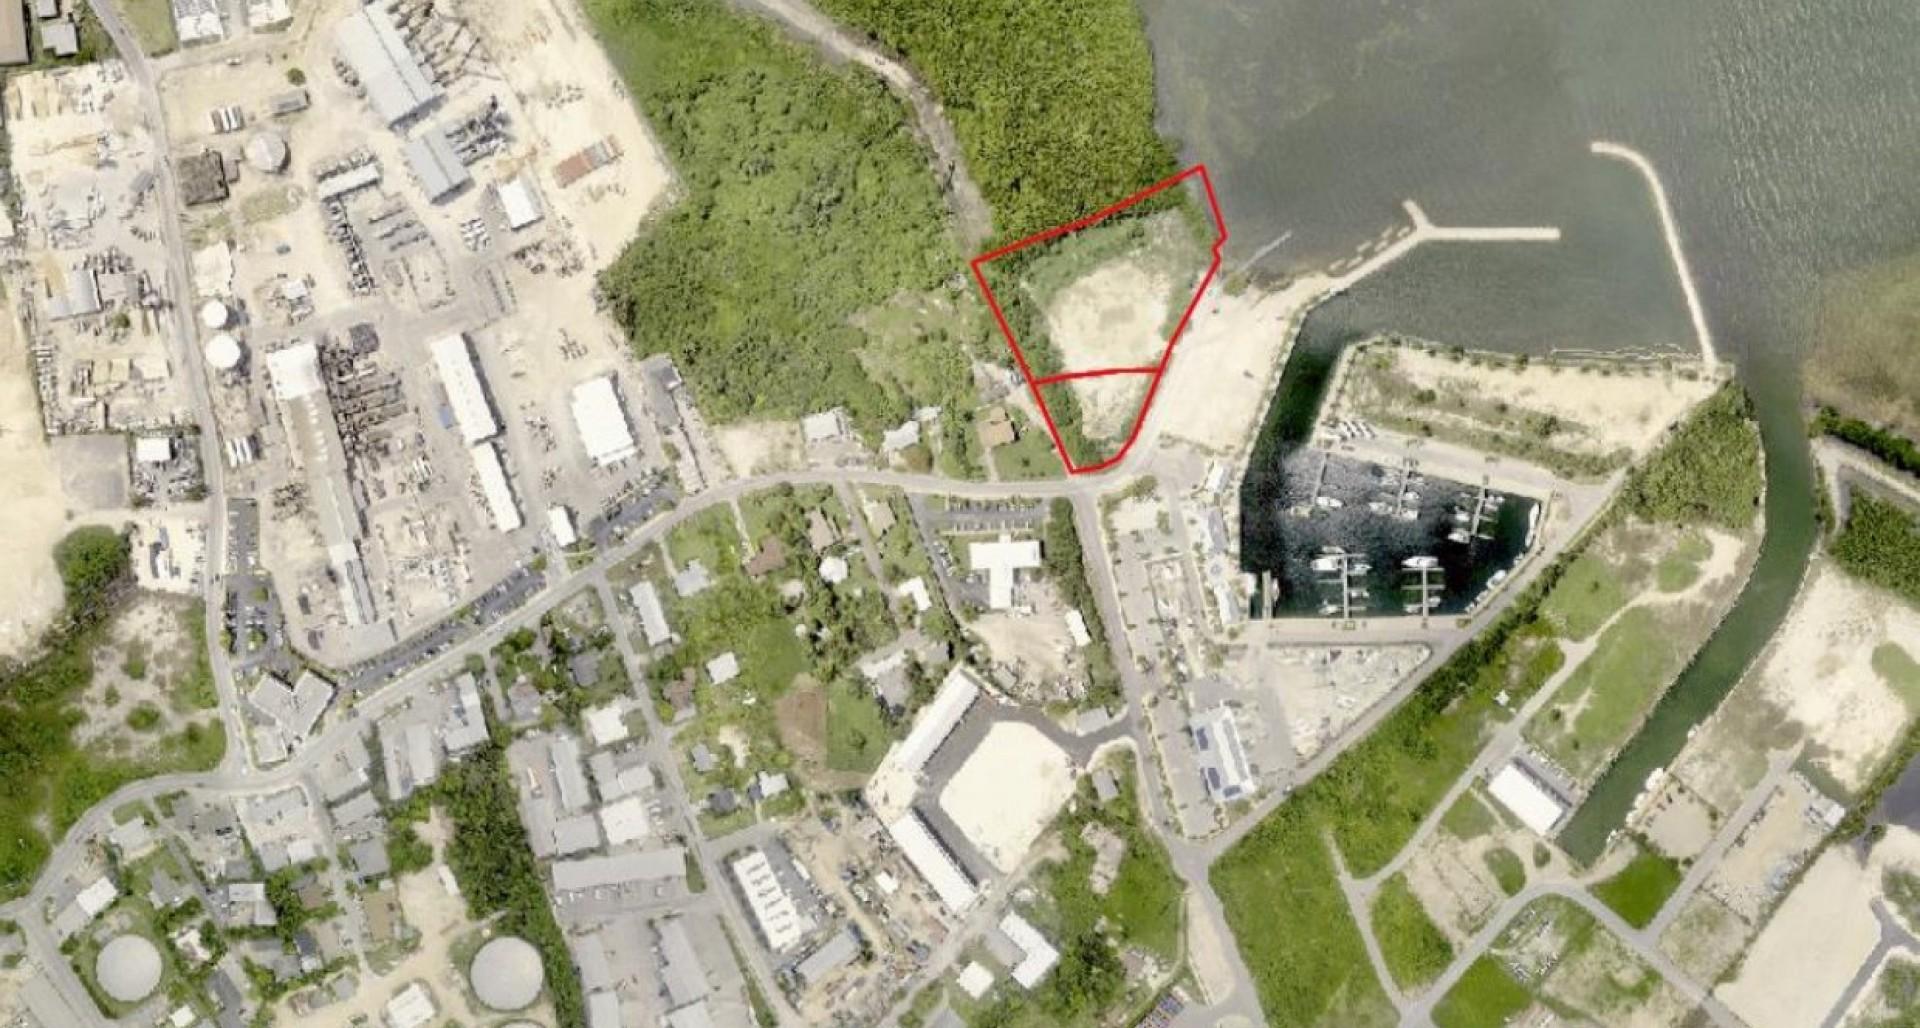 GT North Sound Development Land